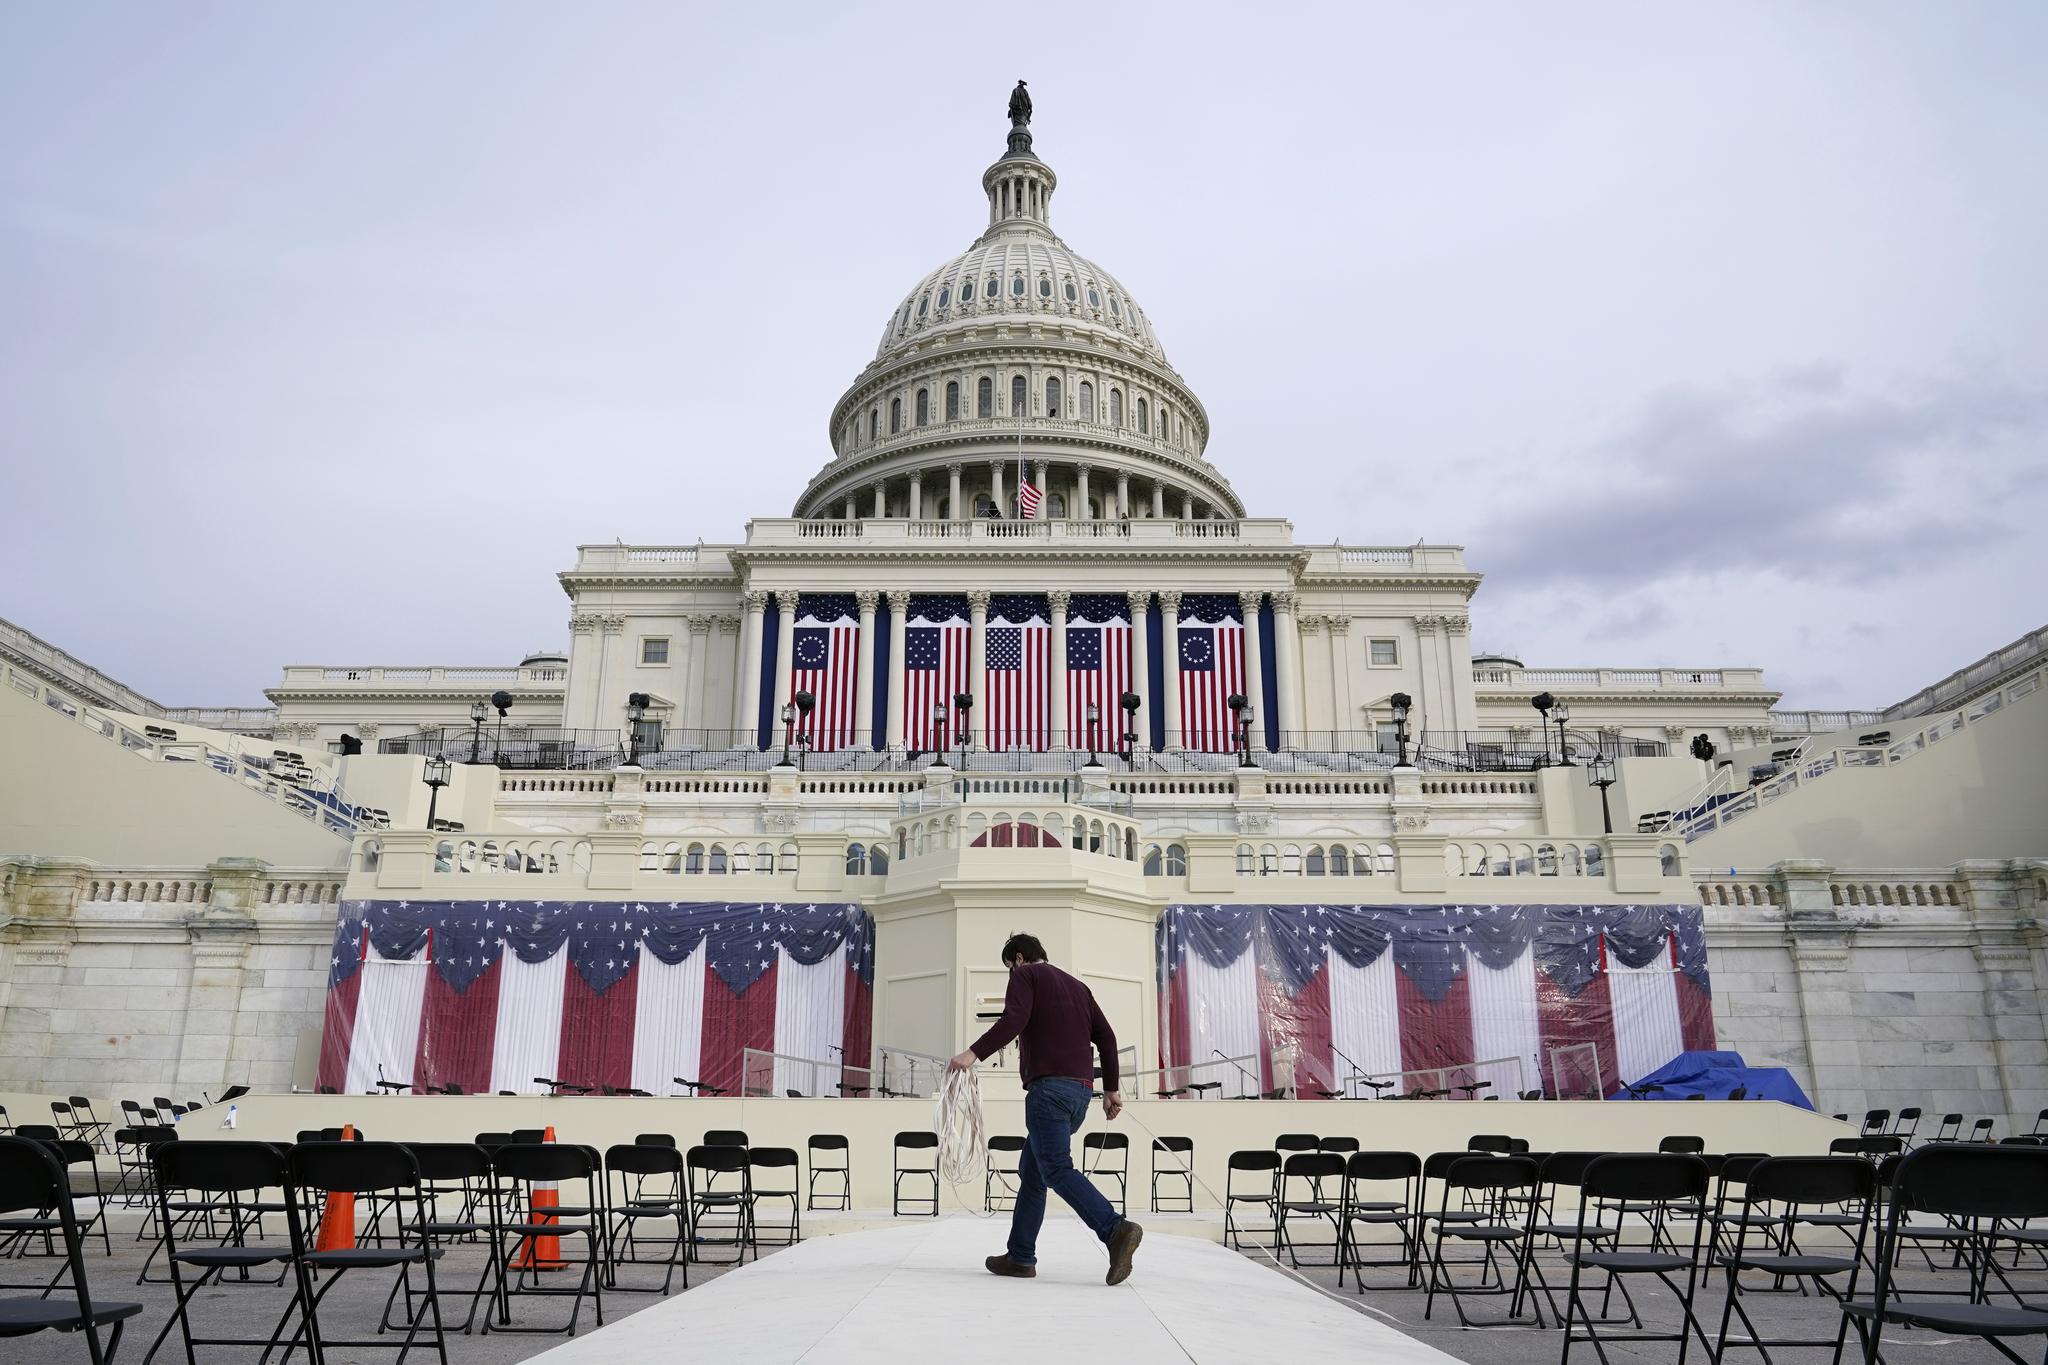 미국 연방의사당에서 16일 바이든 당선인의 대통령 취임식 행사를 준비하고 있다. 취임식 참석인원은 모두 1000명 수준이다. AP=연합뉴스